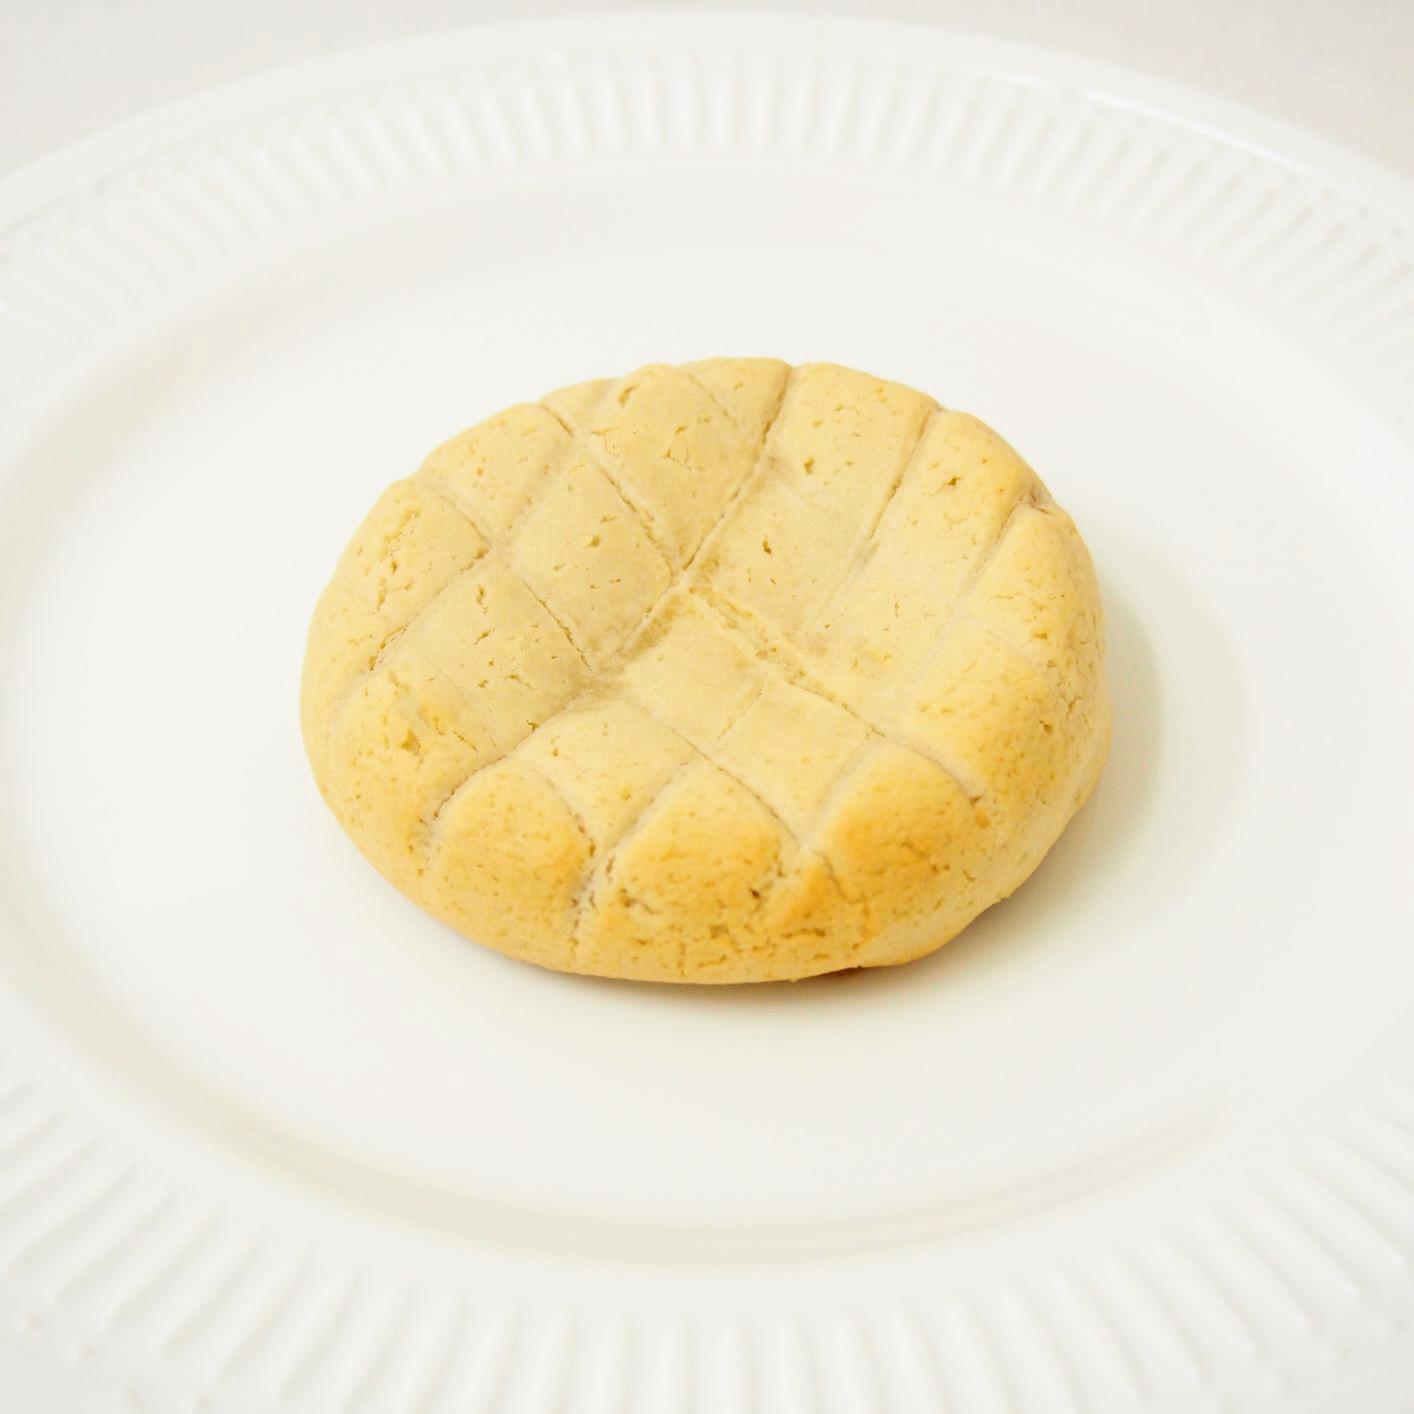 画像1: メロンパン na フレンチトースト (1)